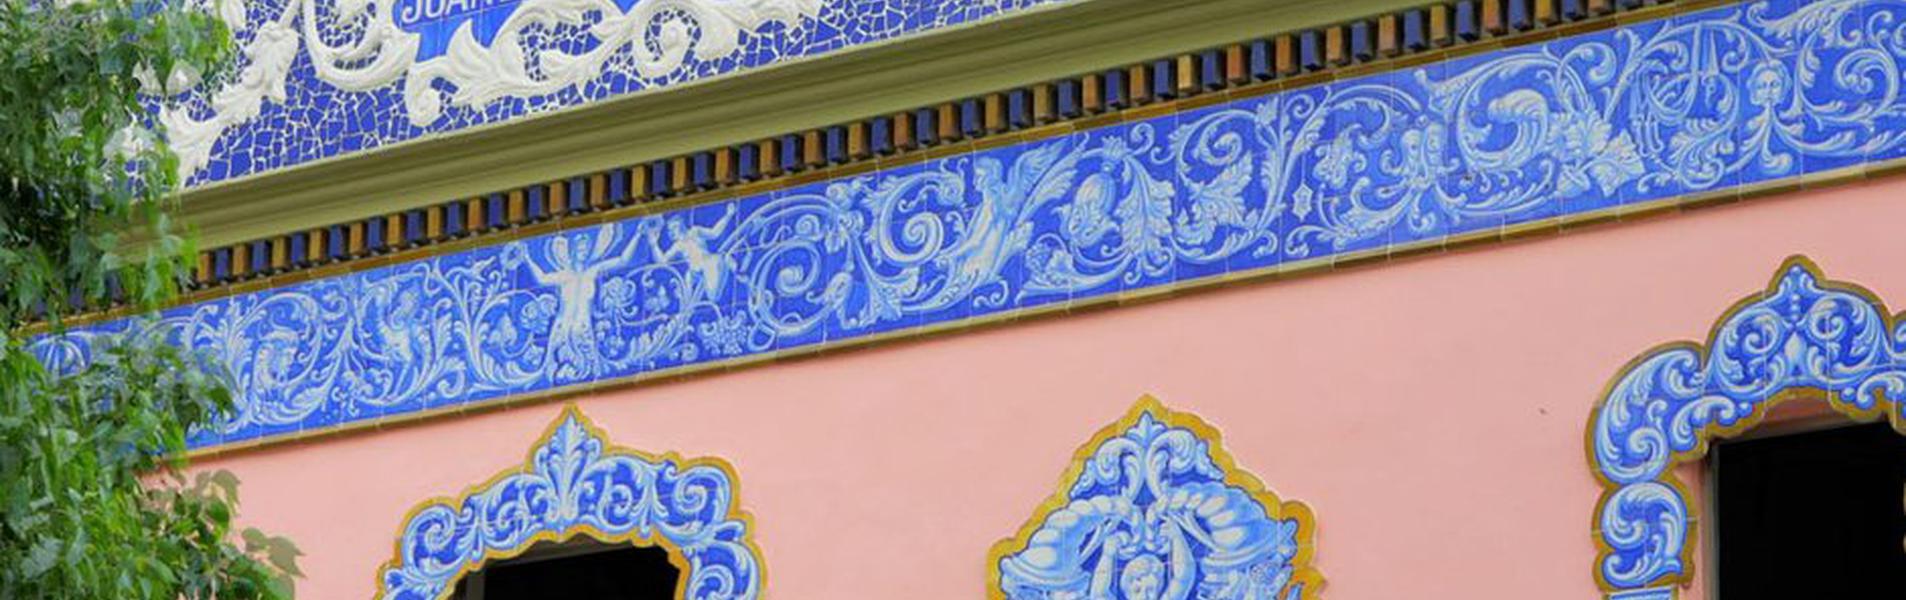 Antigua fábrica de cerámica Juan Bautista Huerta Aviñó